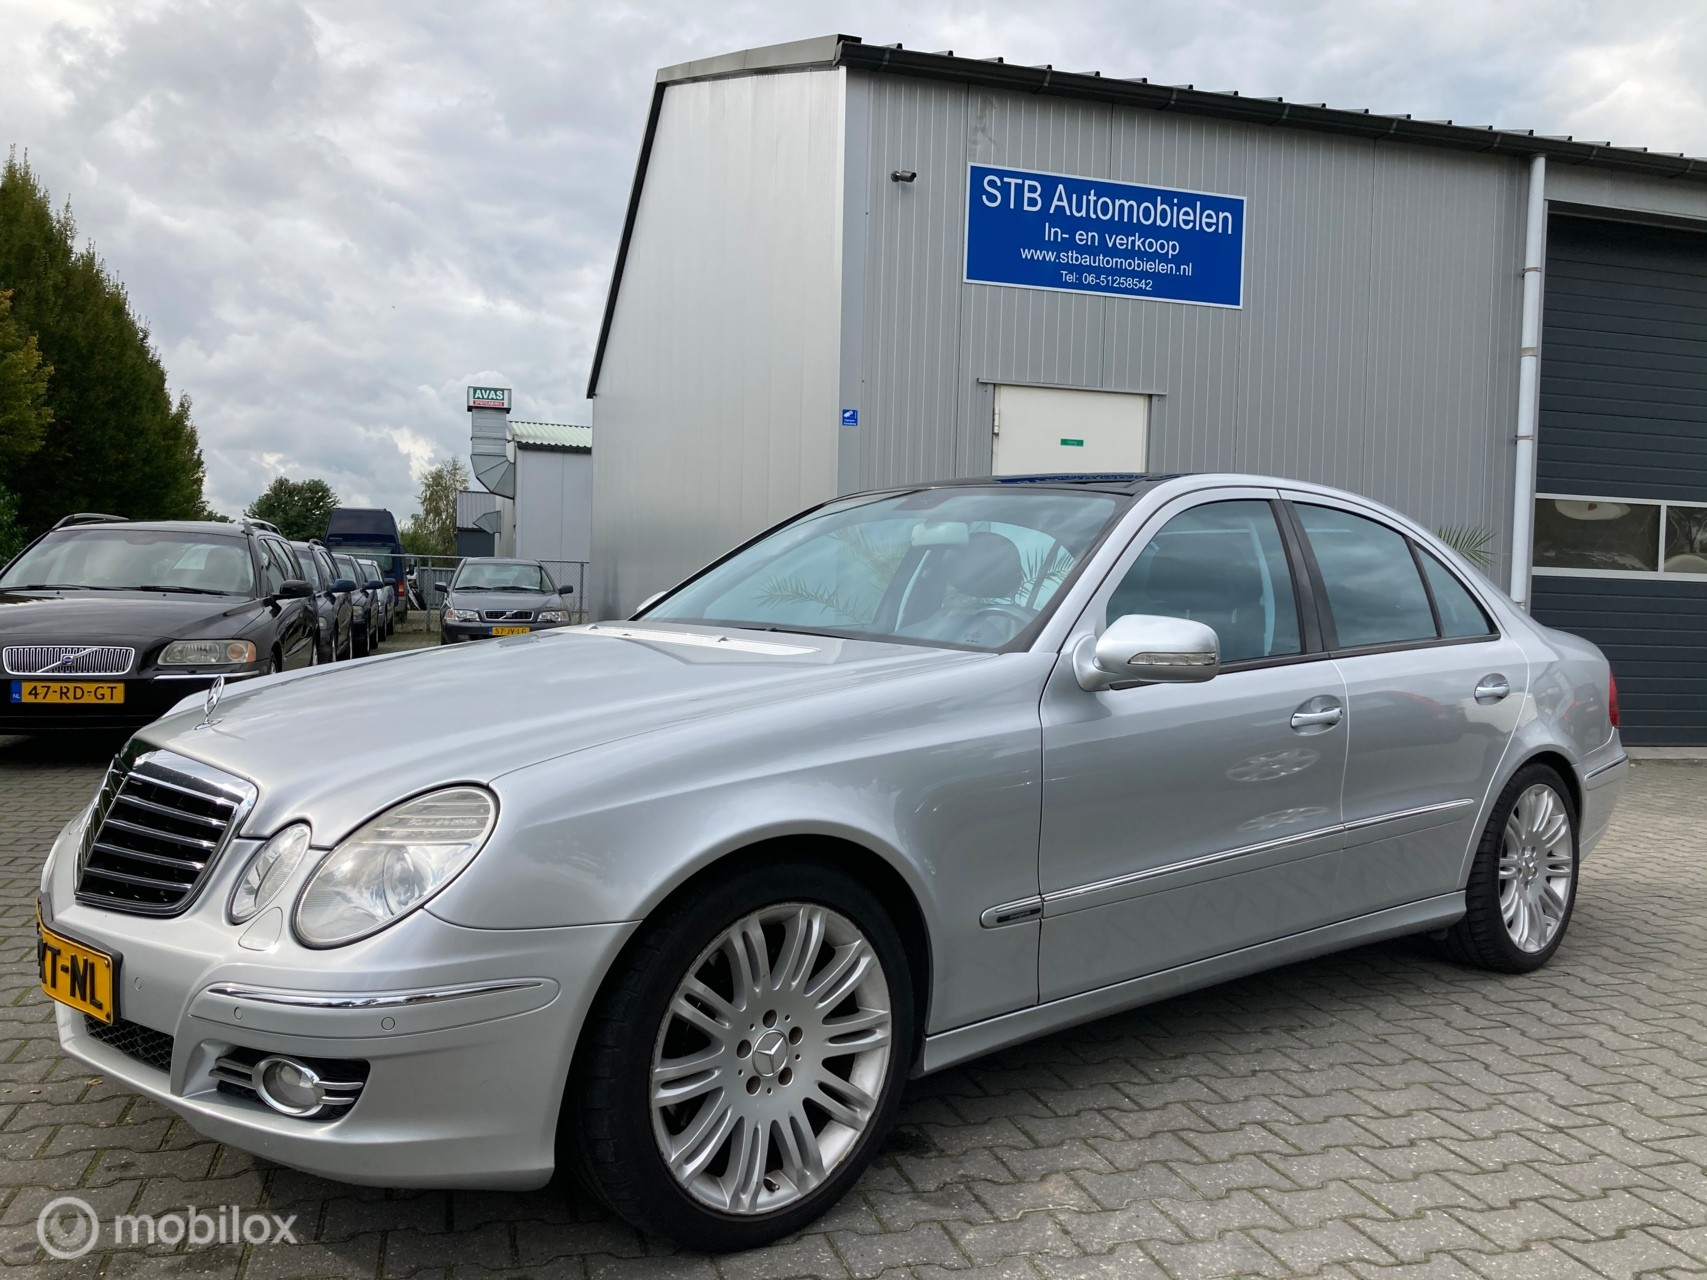 Mercedes E-klasse 280 CDI Avantgarde Weinig KM's 2e eigenaar